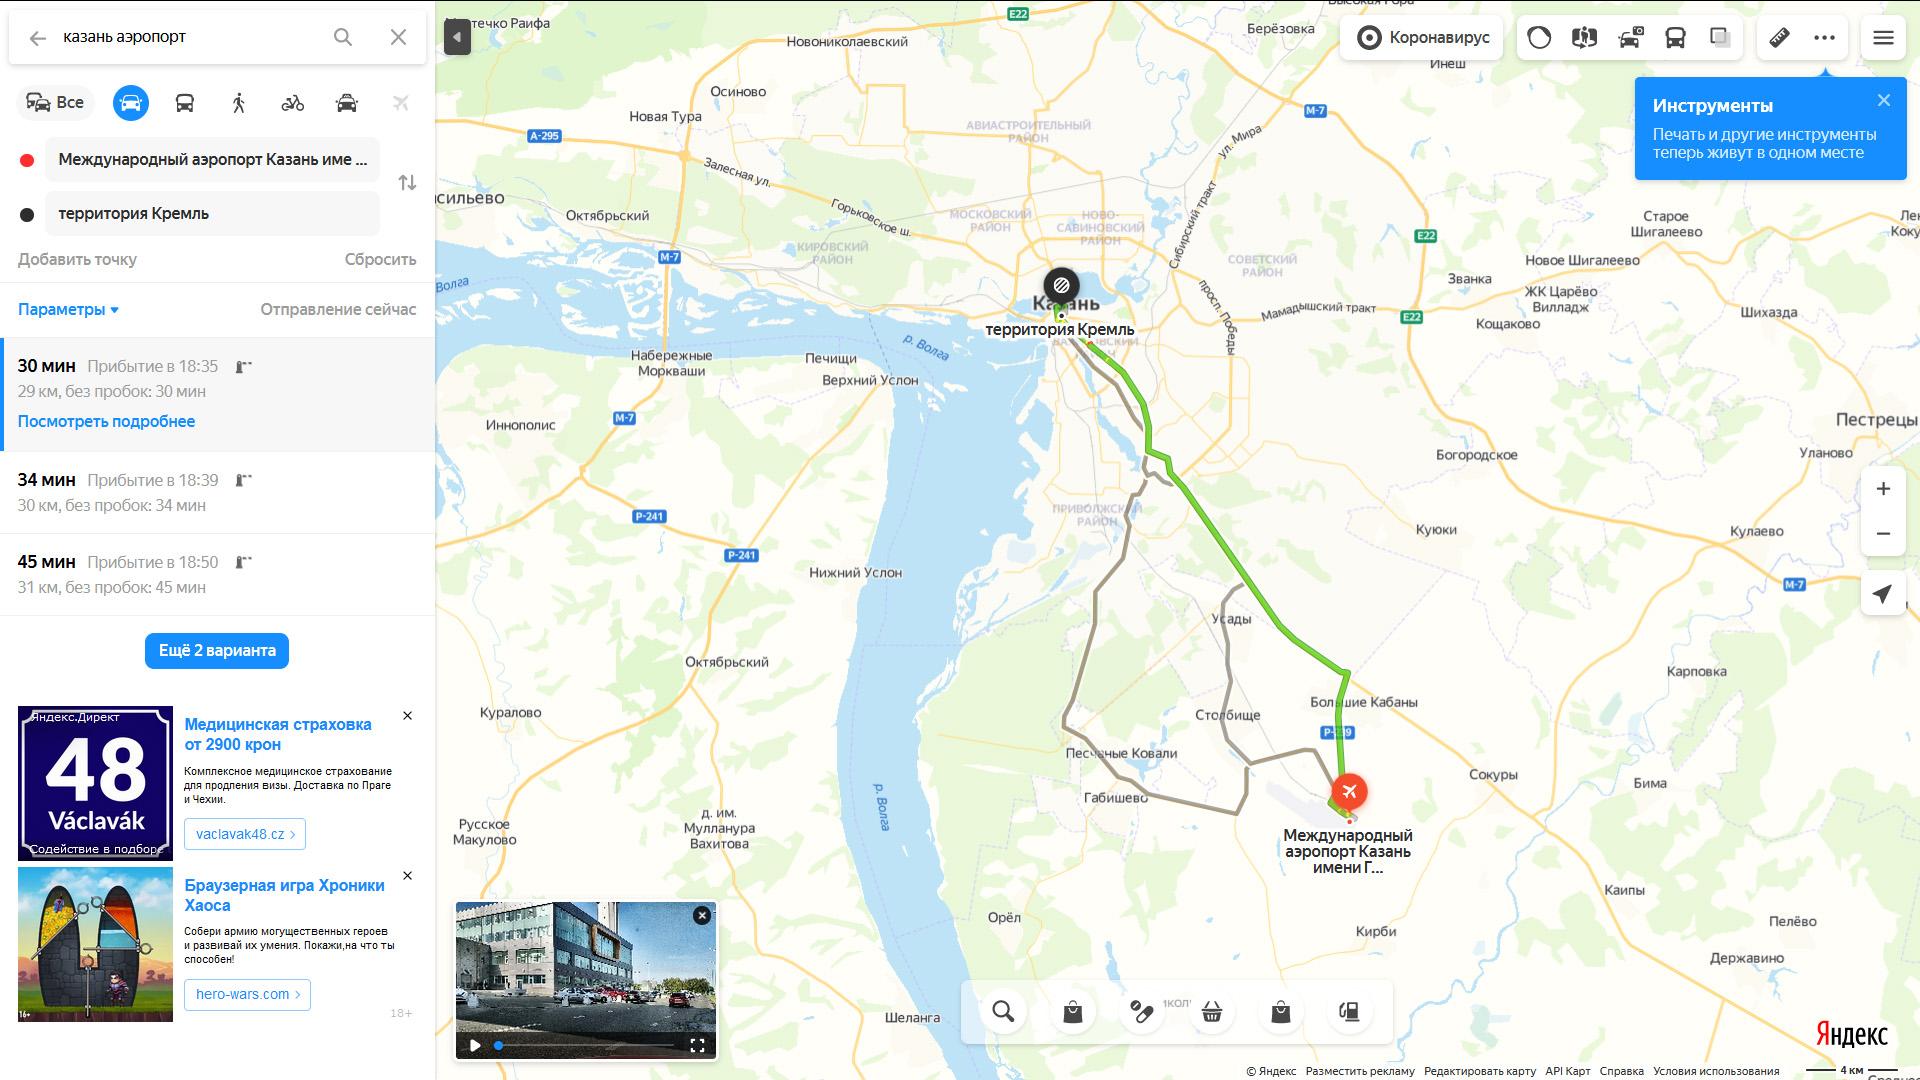 Карта из центра города в аэропорт Казани